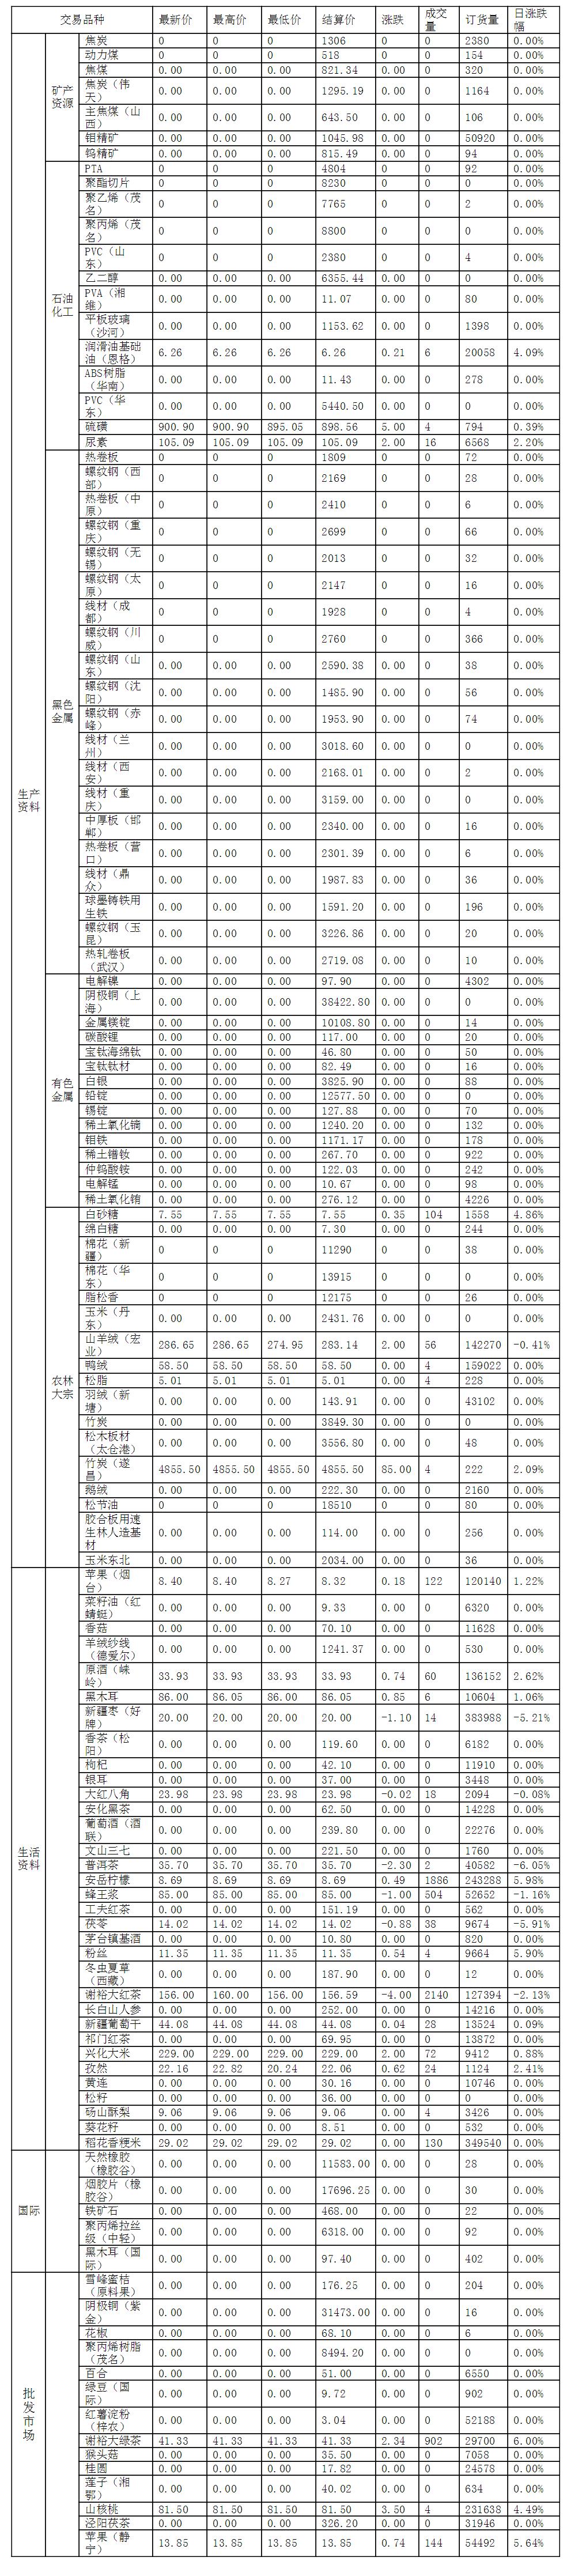 2018-07-20渤海商品交易所每日行情